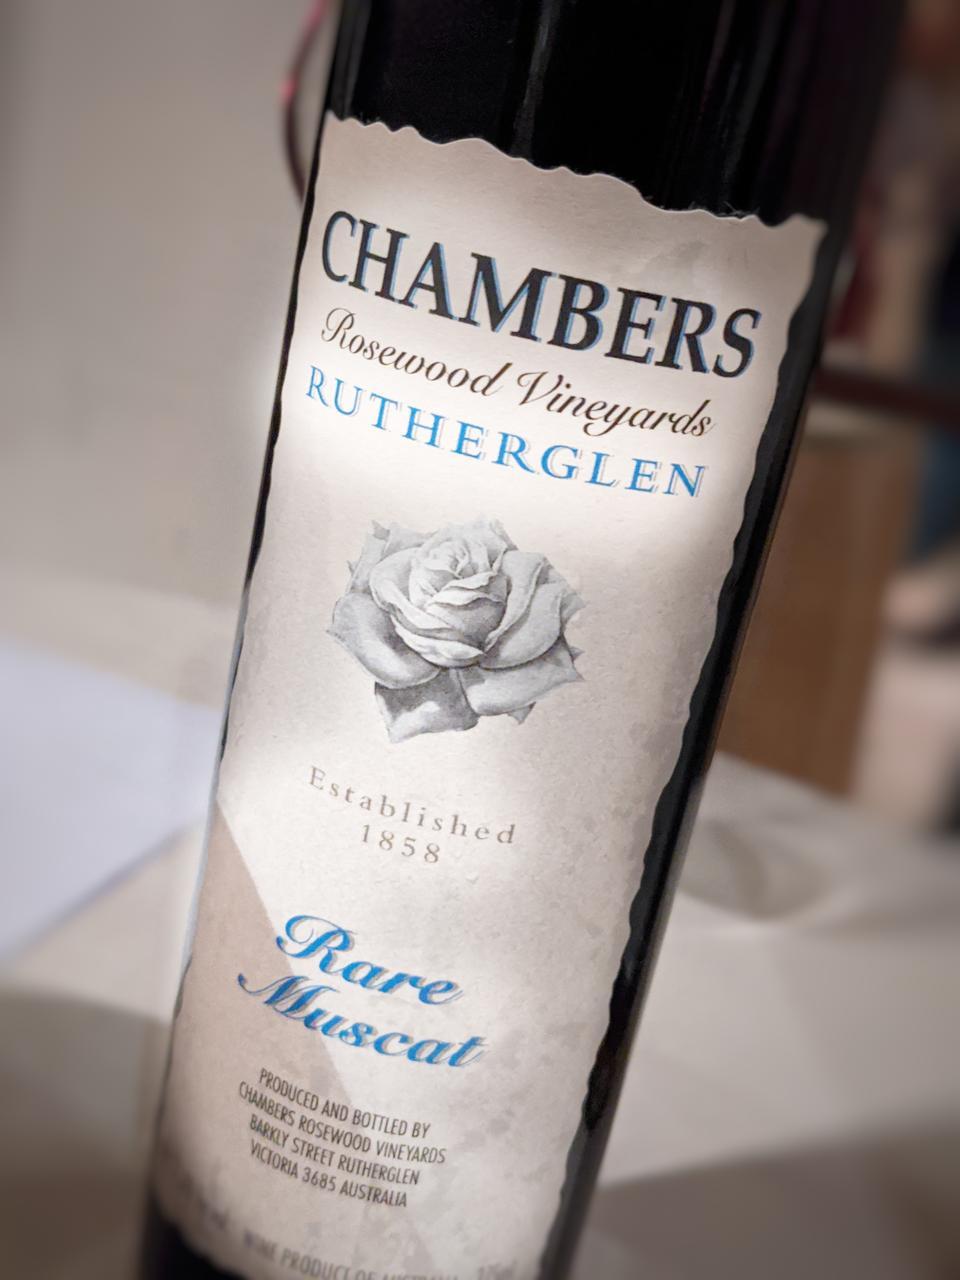 Chambers Rosewood Vineyards Rare Muscat, Rutherglen, Australia